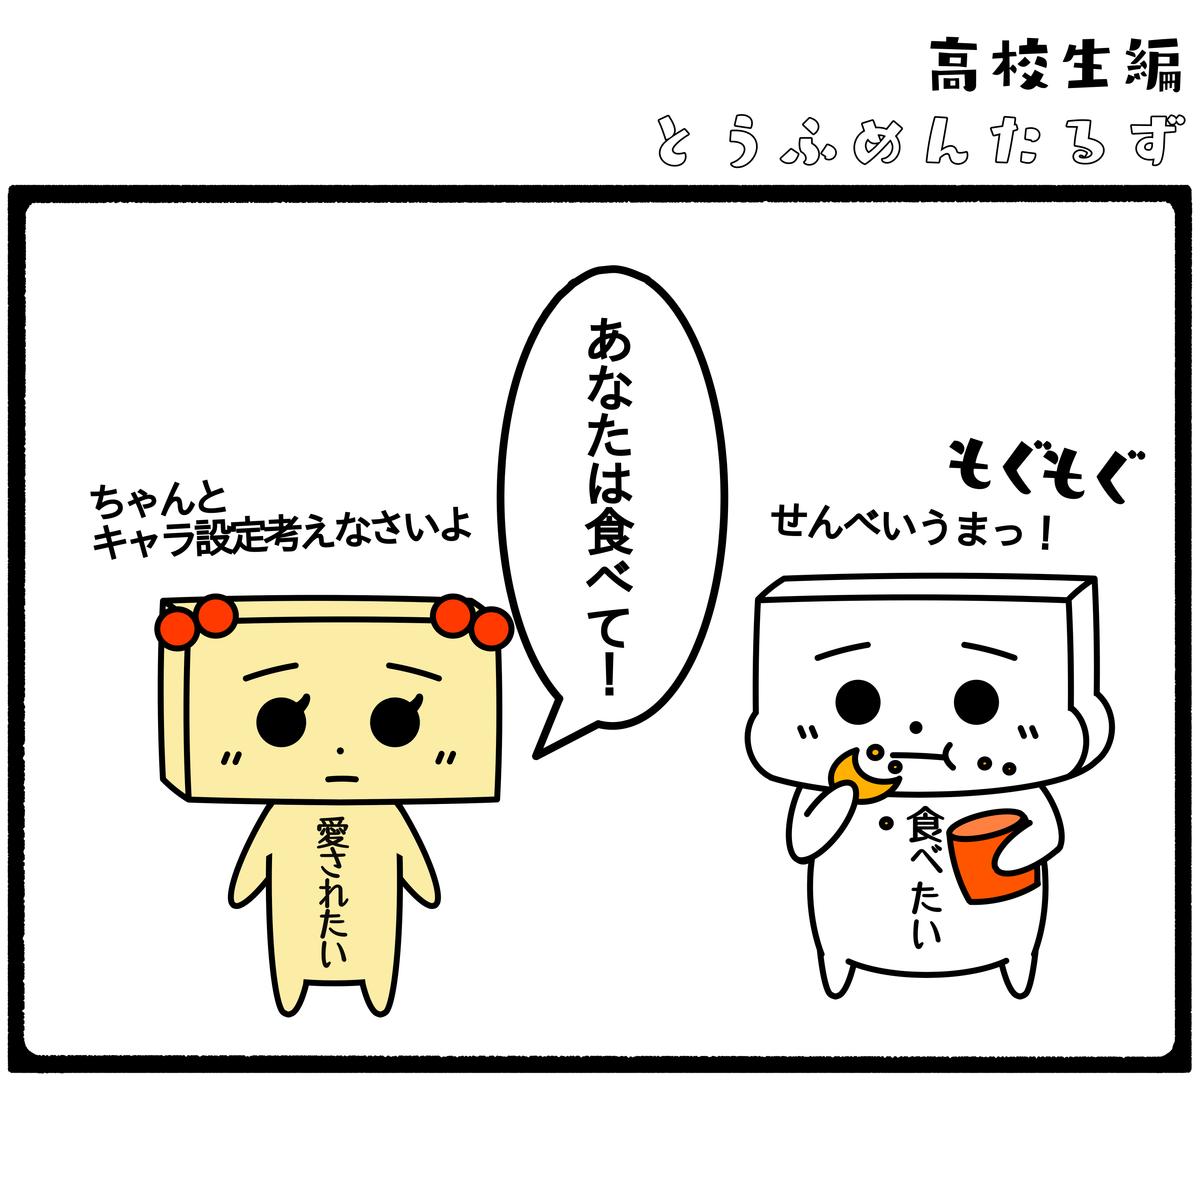 とうふめんたるず 豆腐メンタル 日常 4コマ漫画 映画館